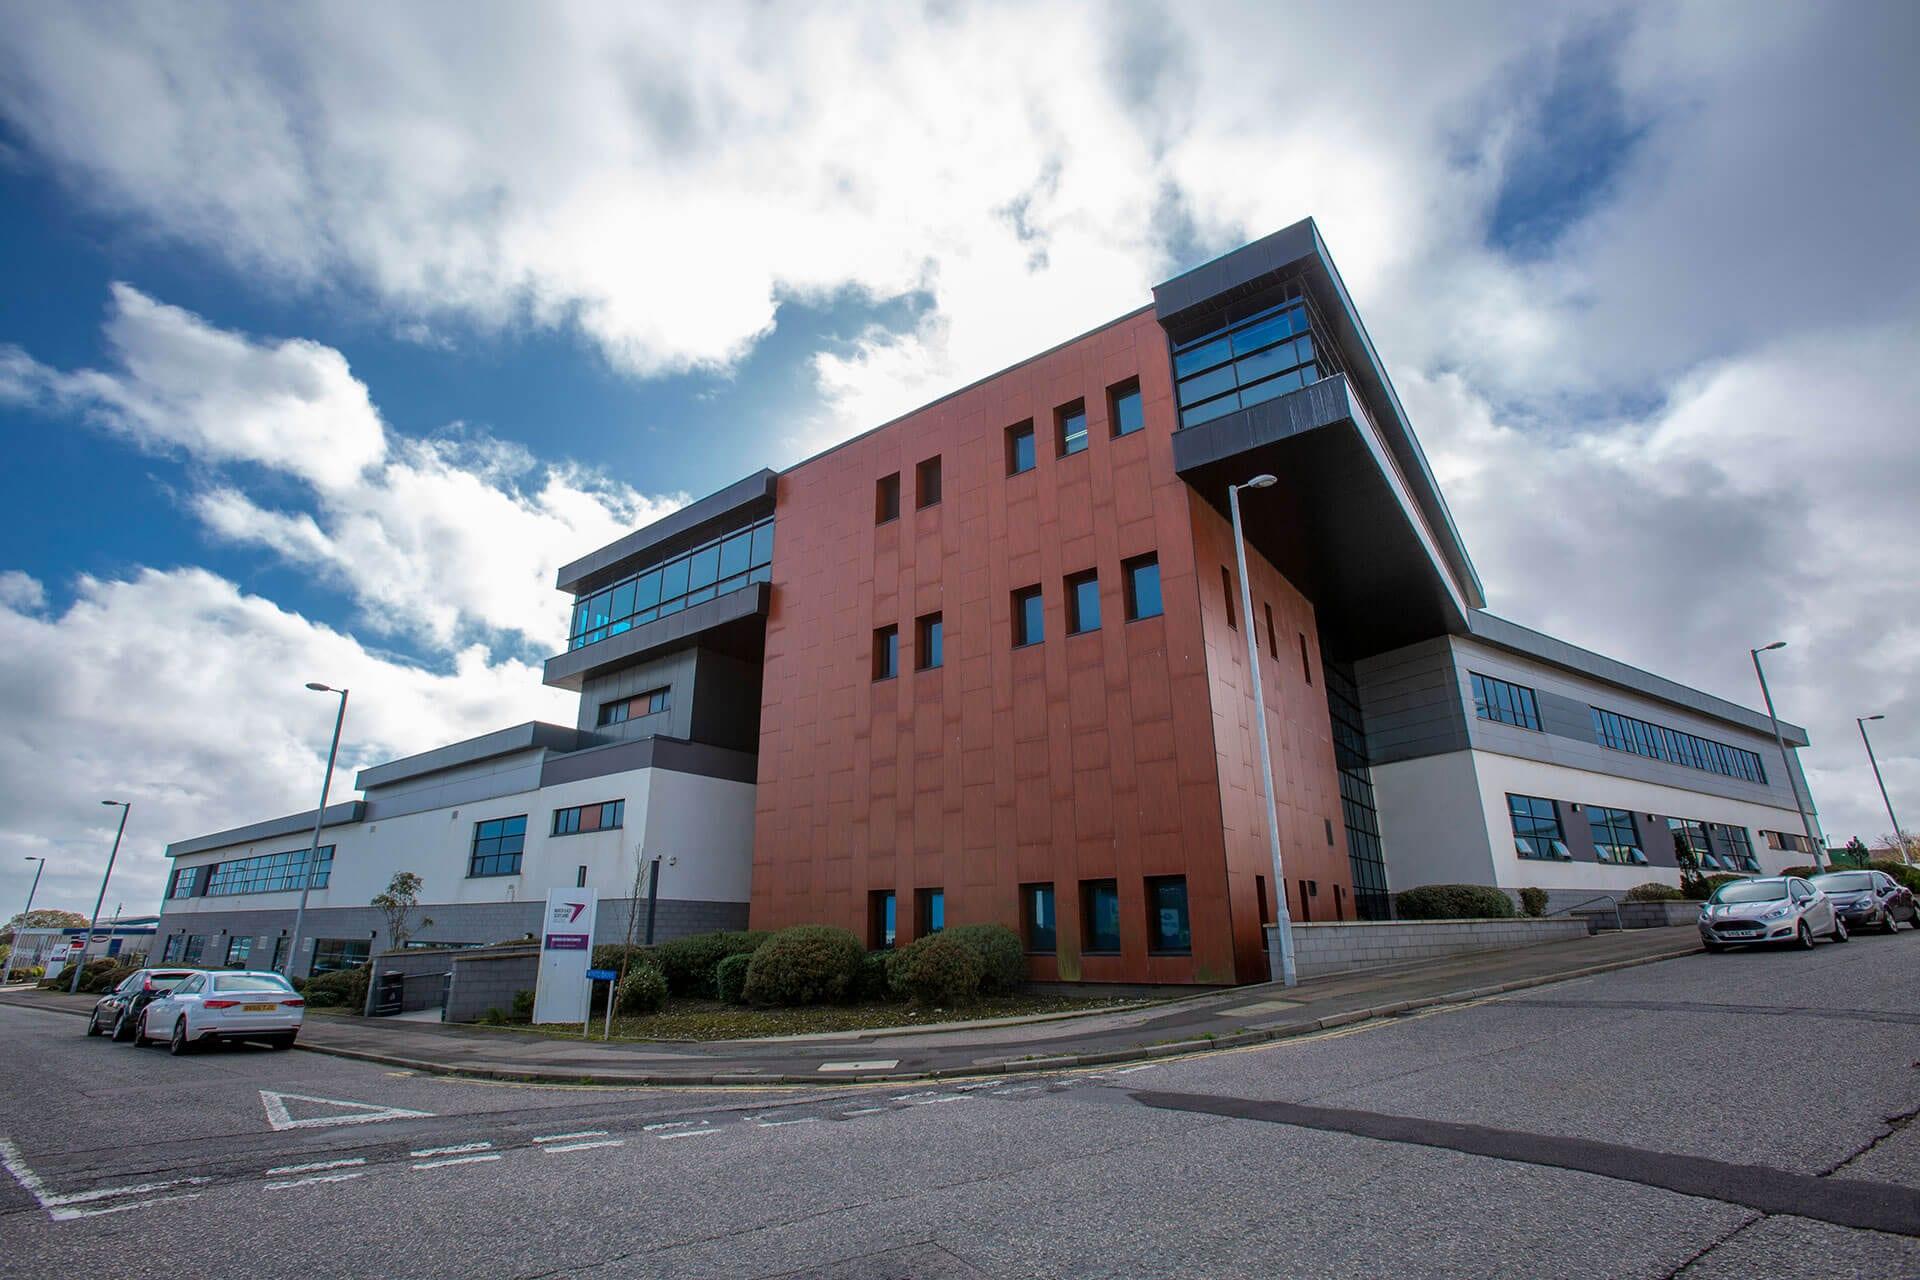 Altens Campus exterior